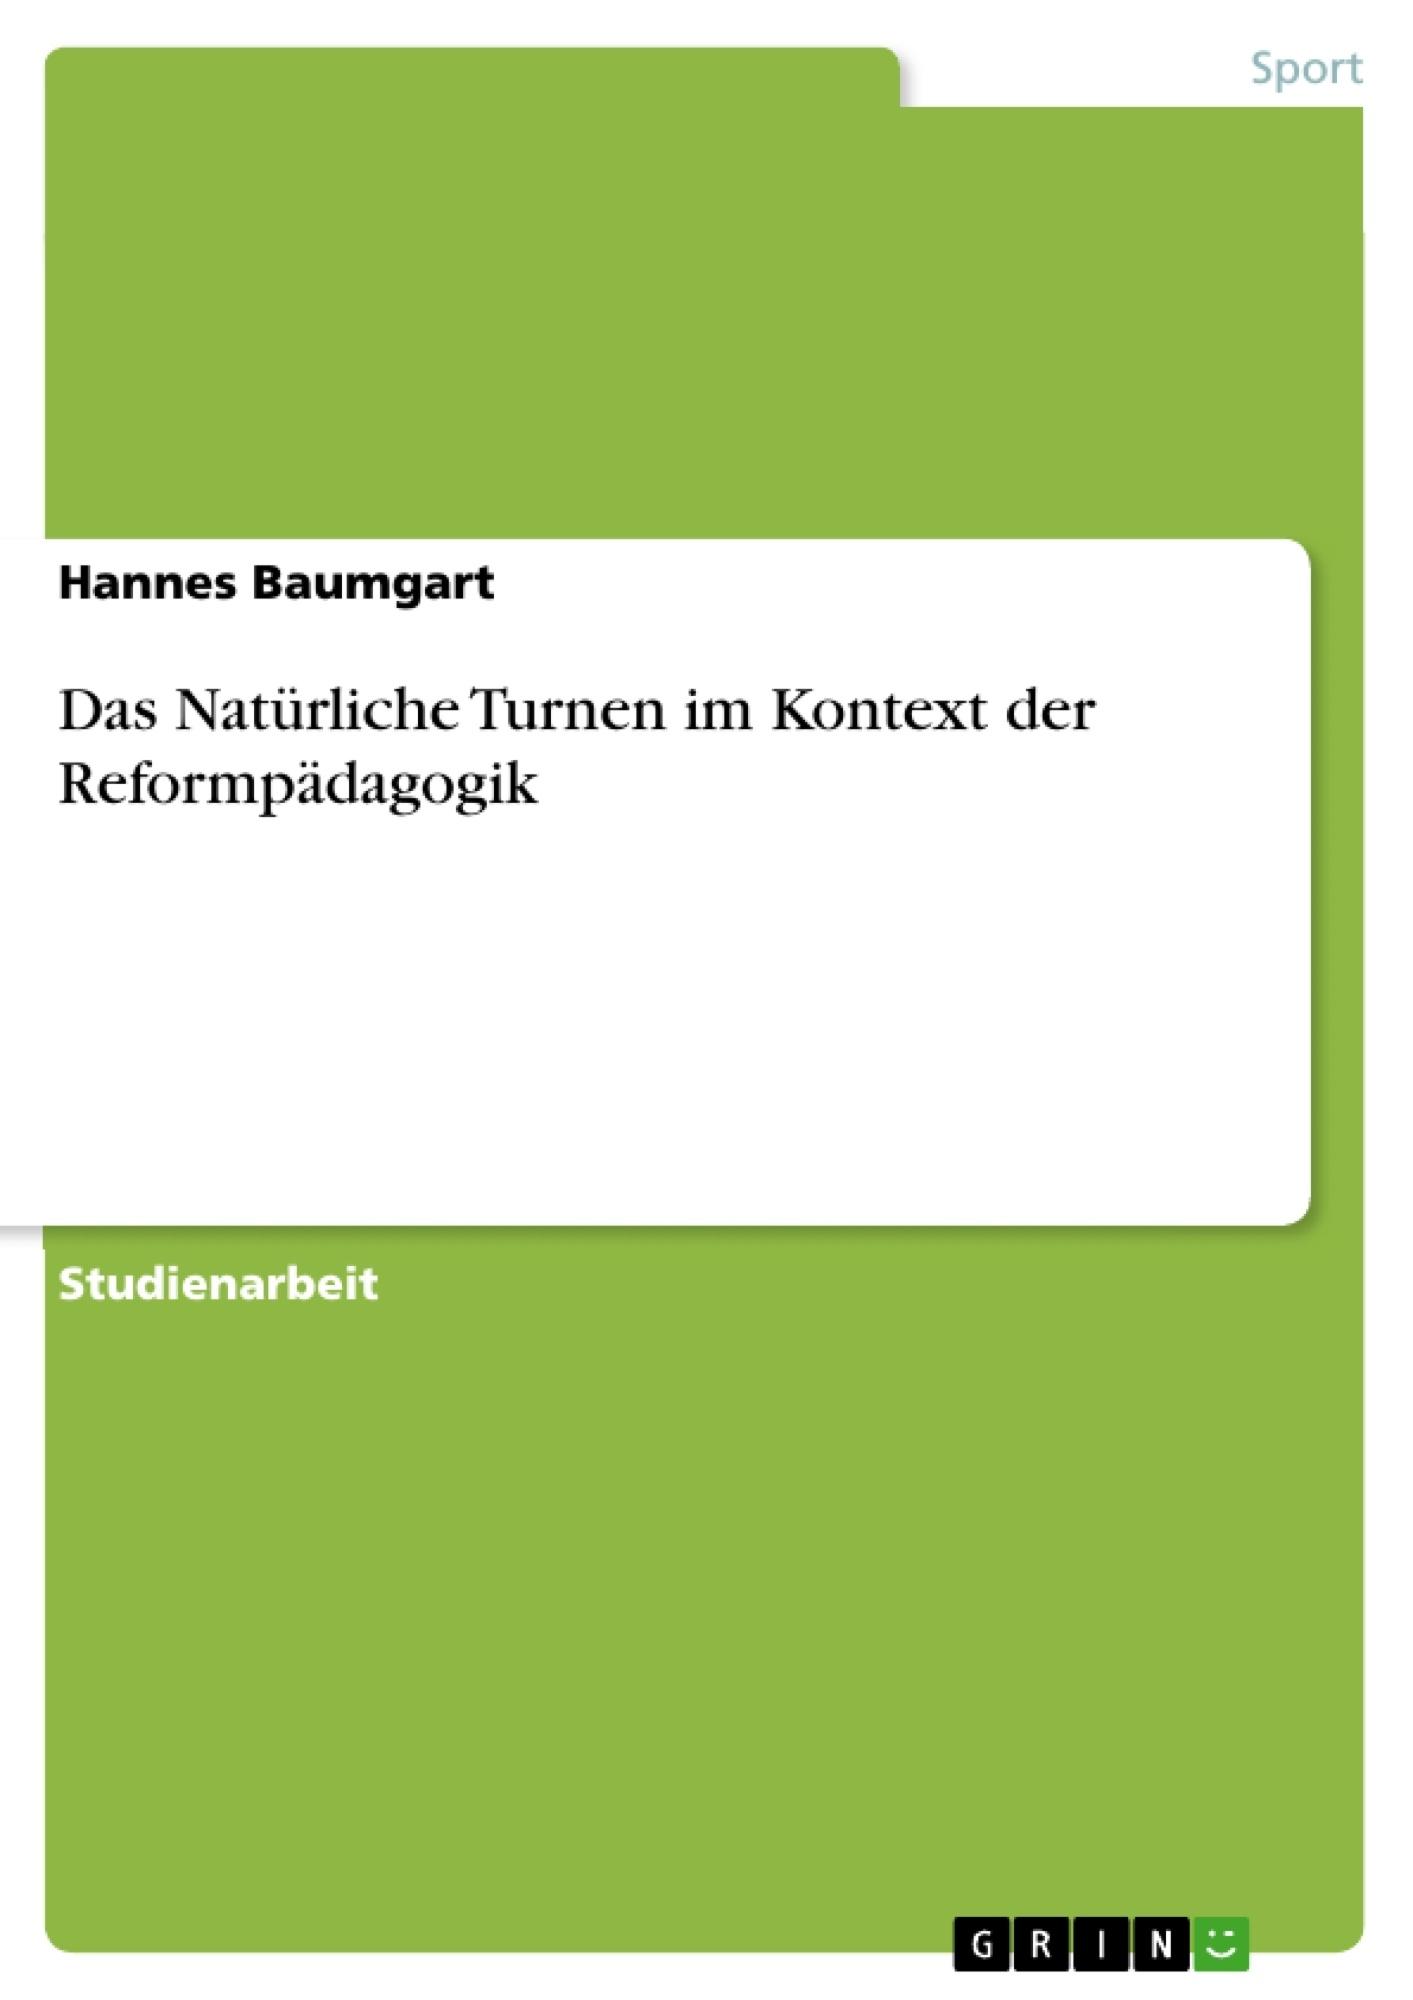 Titel: Das Natürliche Turnen im Kontext der Reformpädagogik